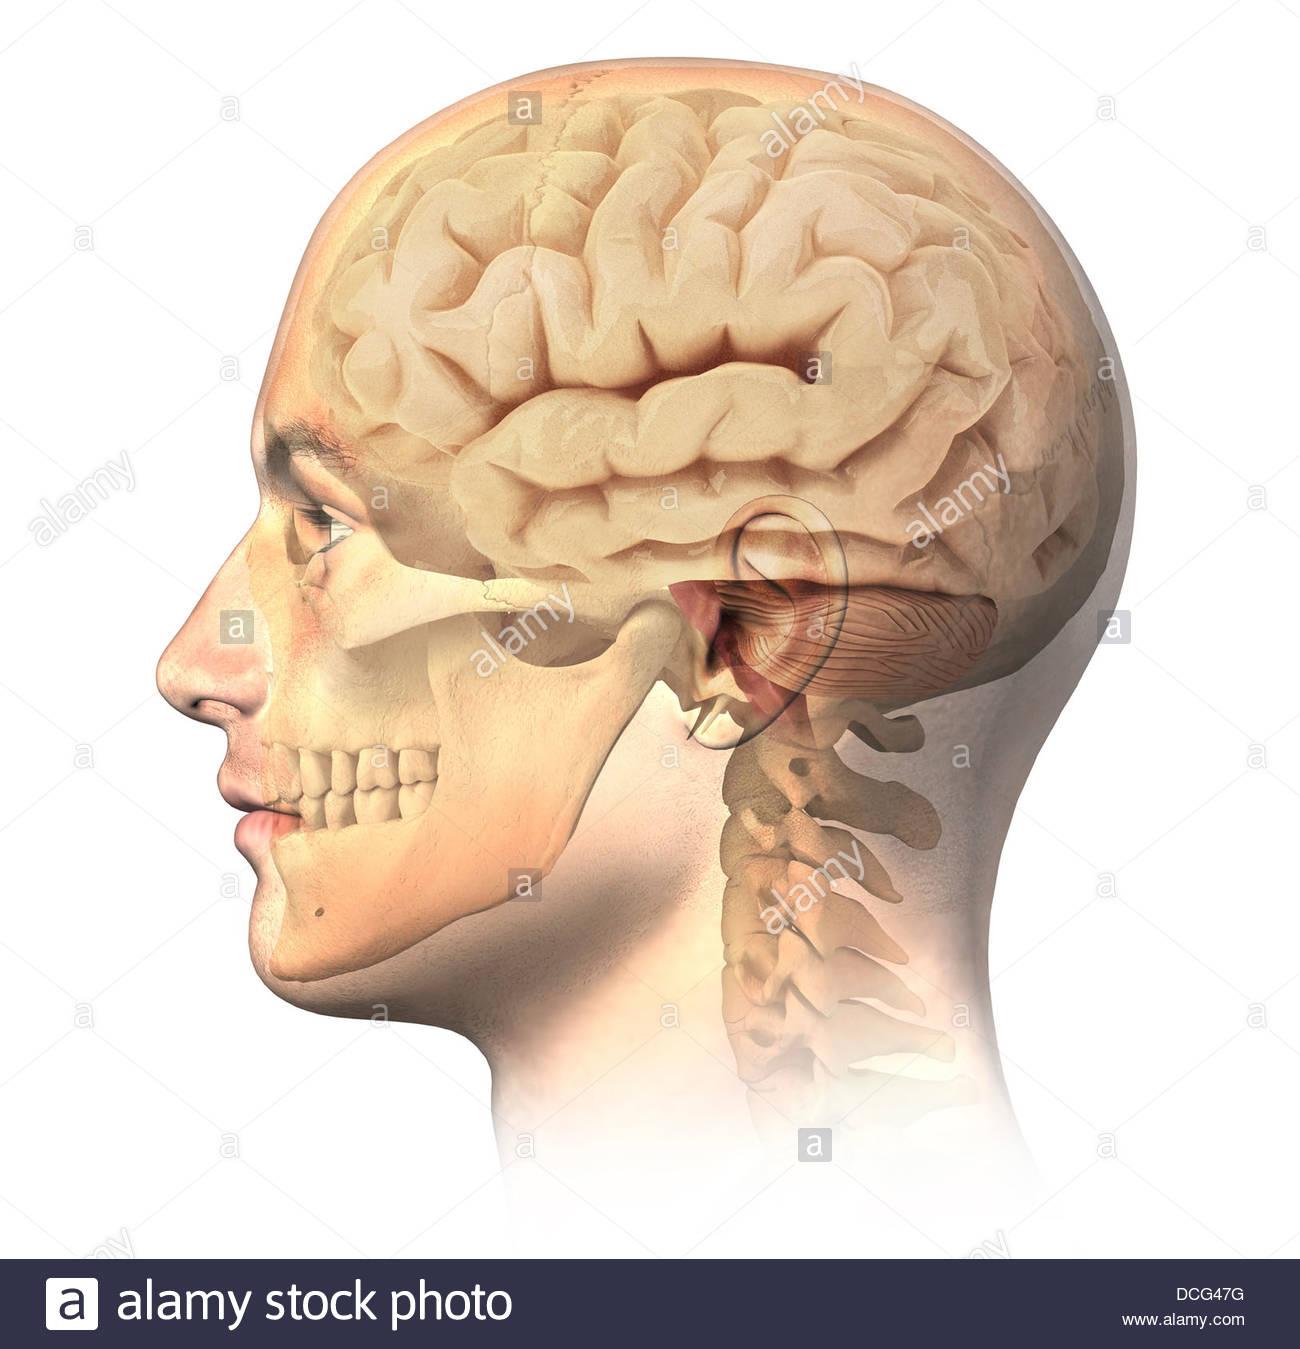 Anatomie des menschlichen Kopfes mit Schädel und Gehirn überlagert ...